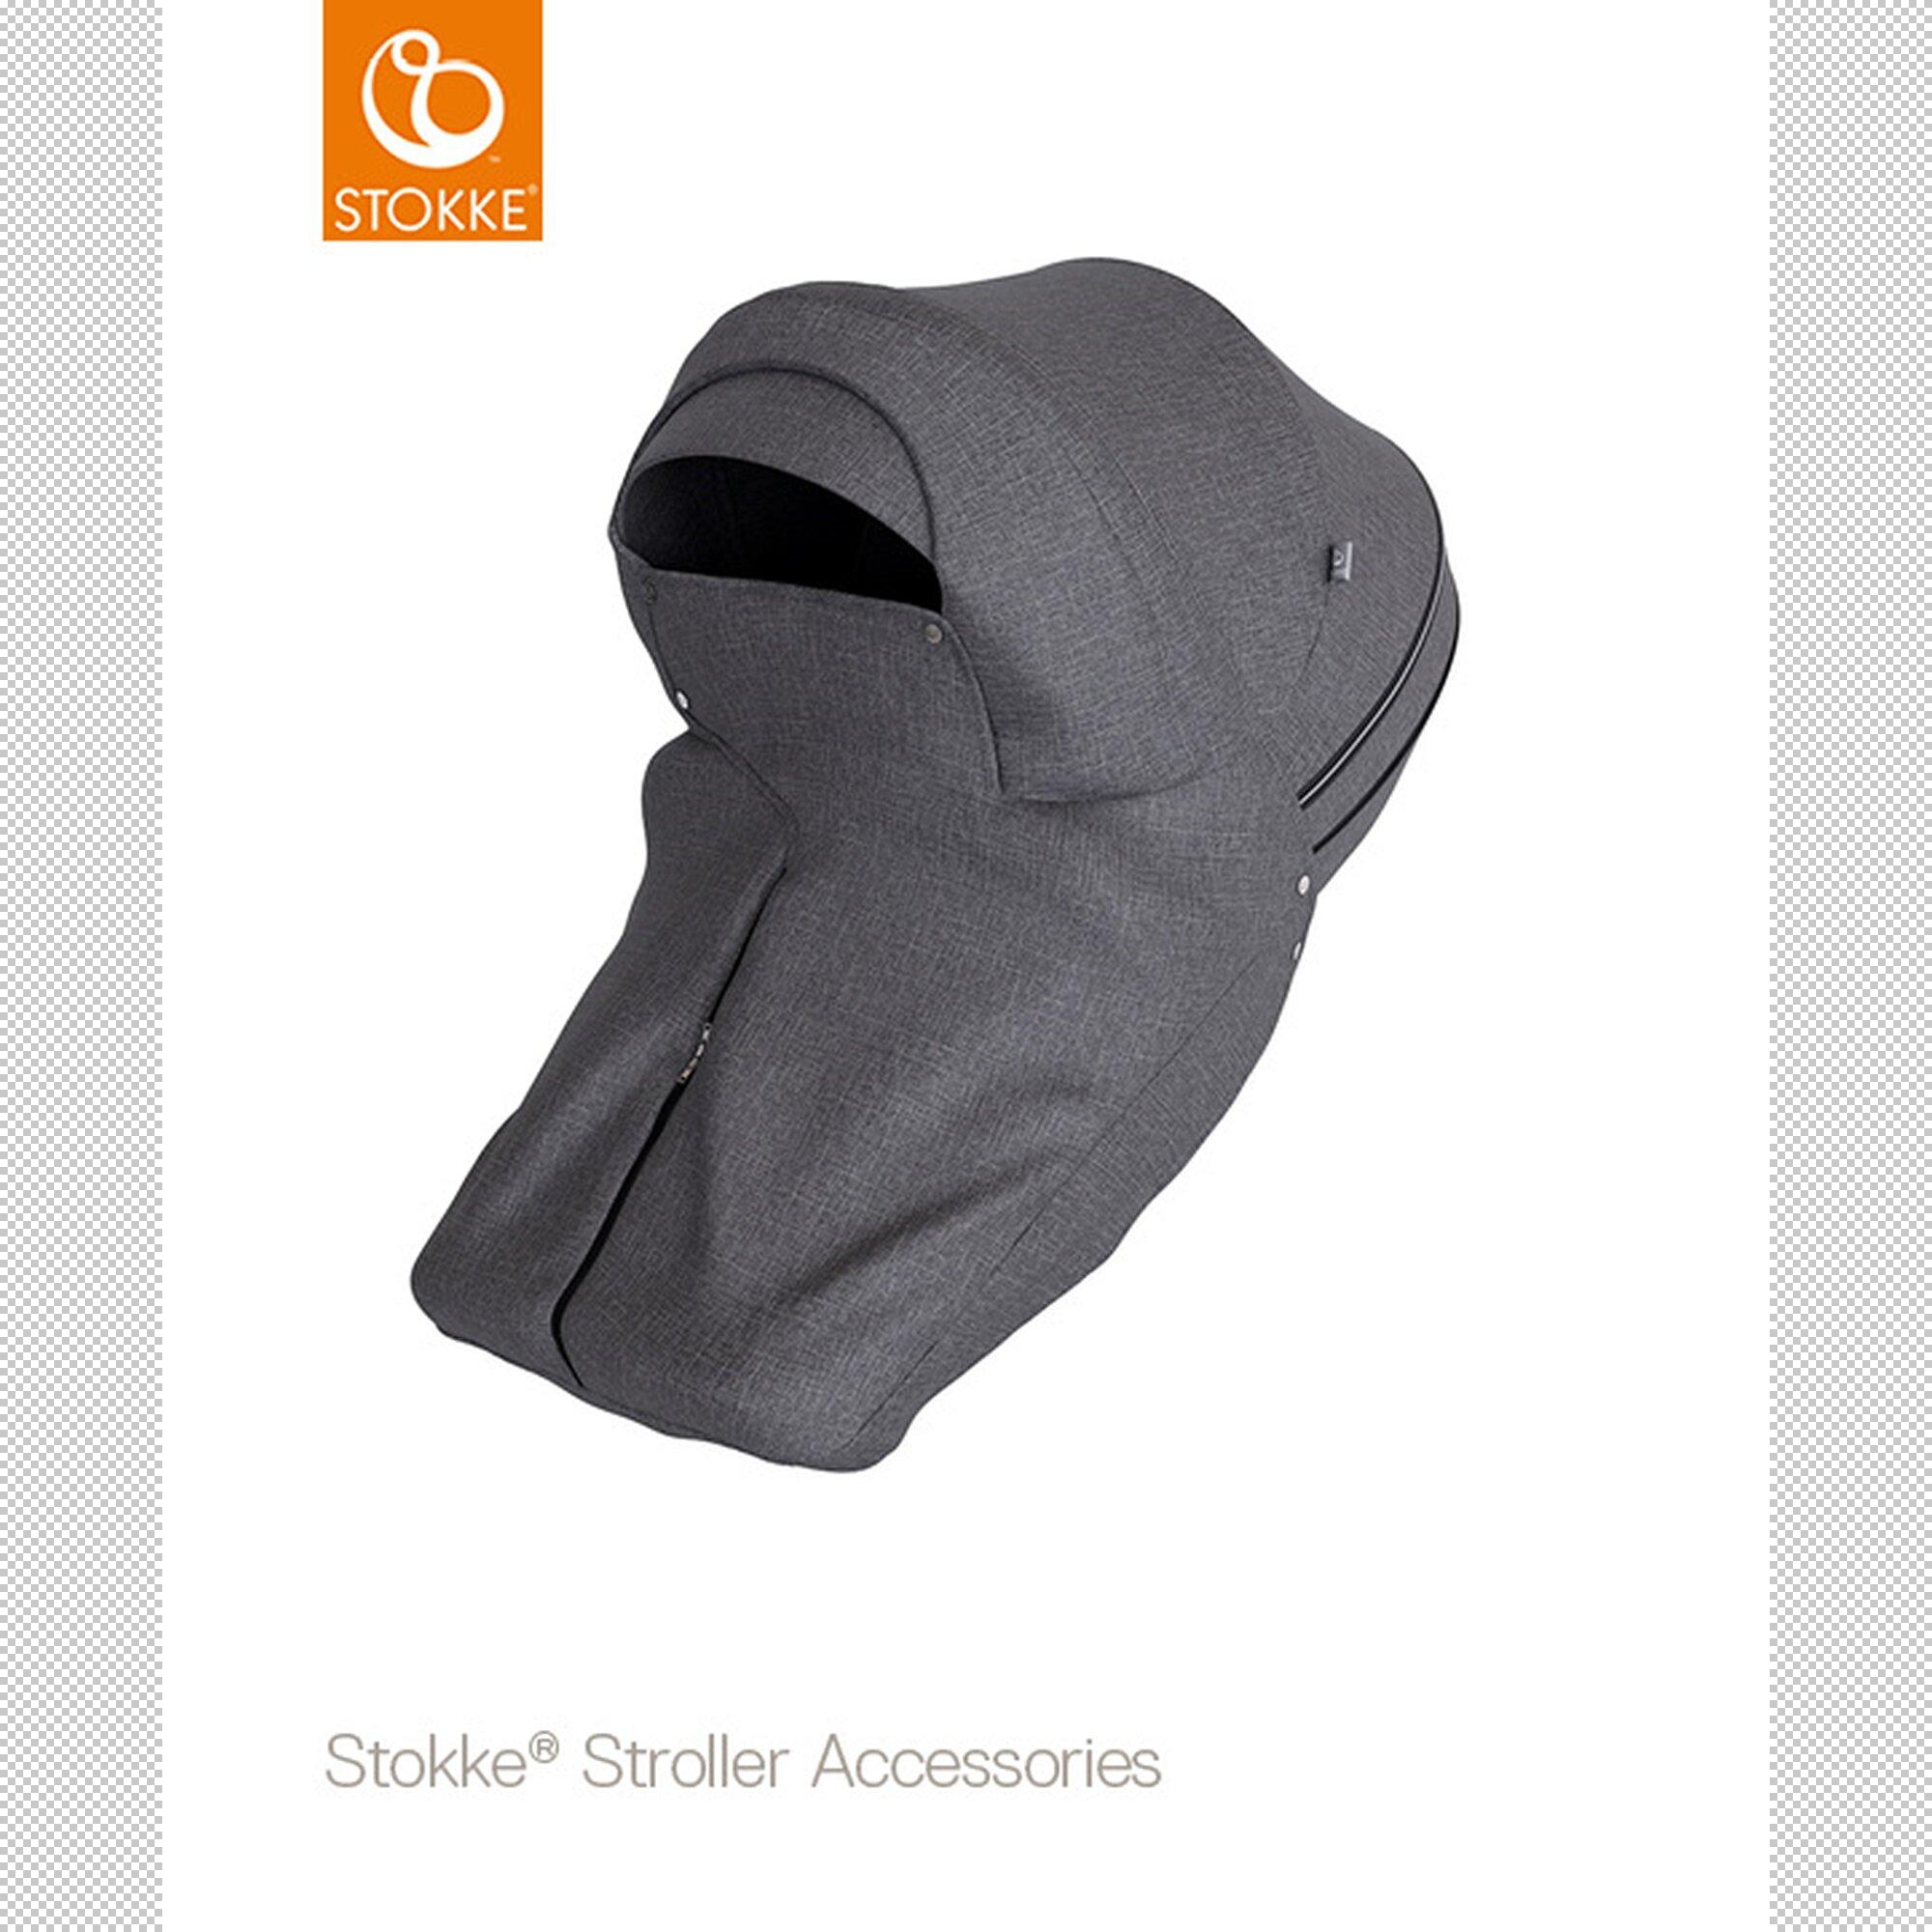 stokke-windschutz-fur-trailz-xplory-schwarz